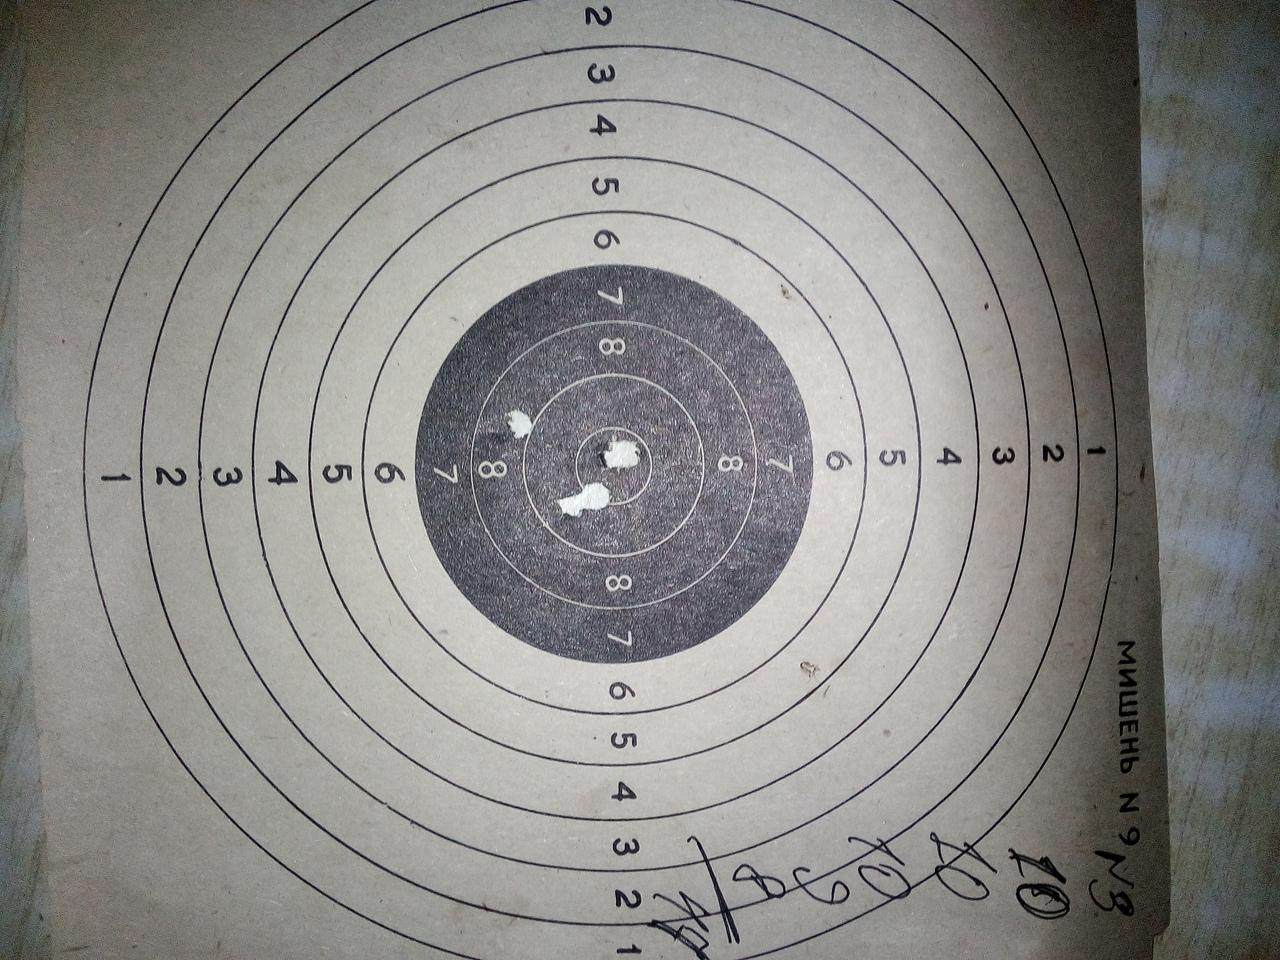 target №3.jpg